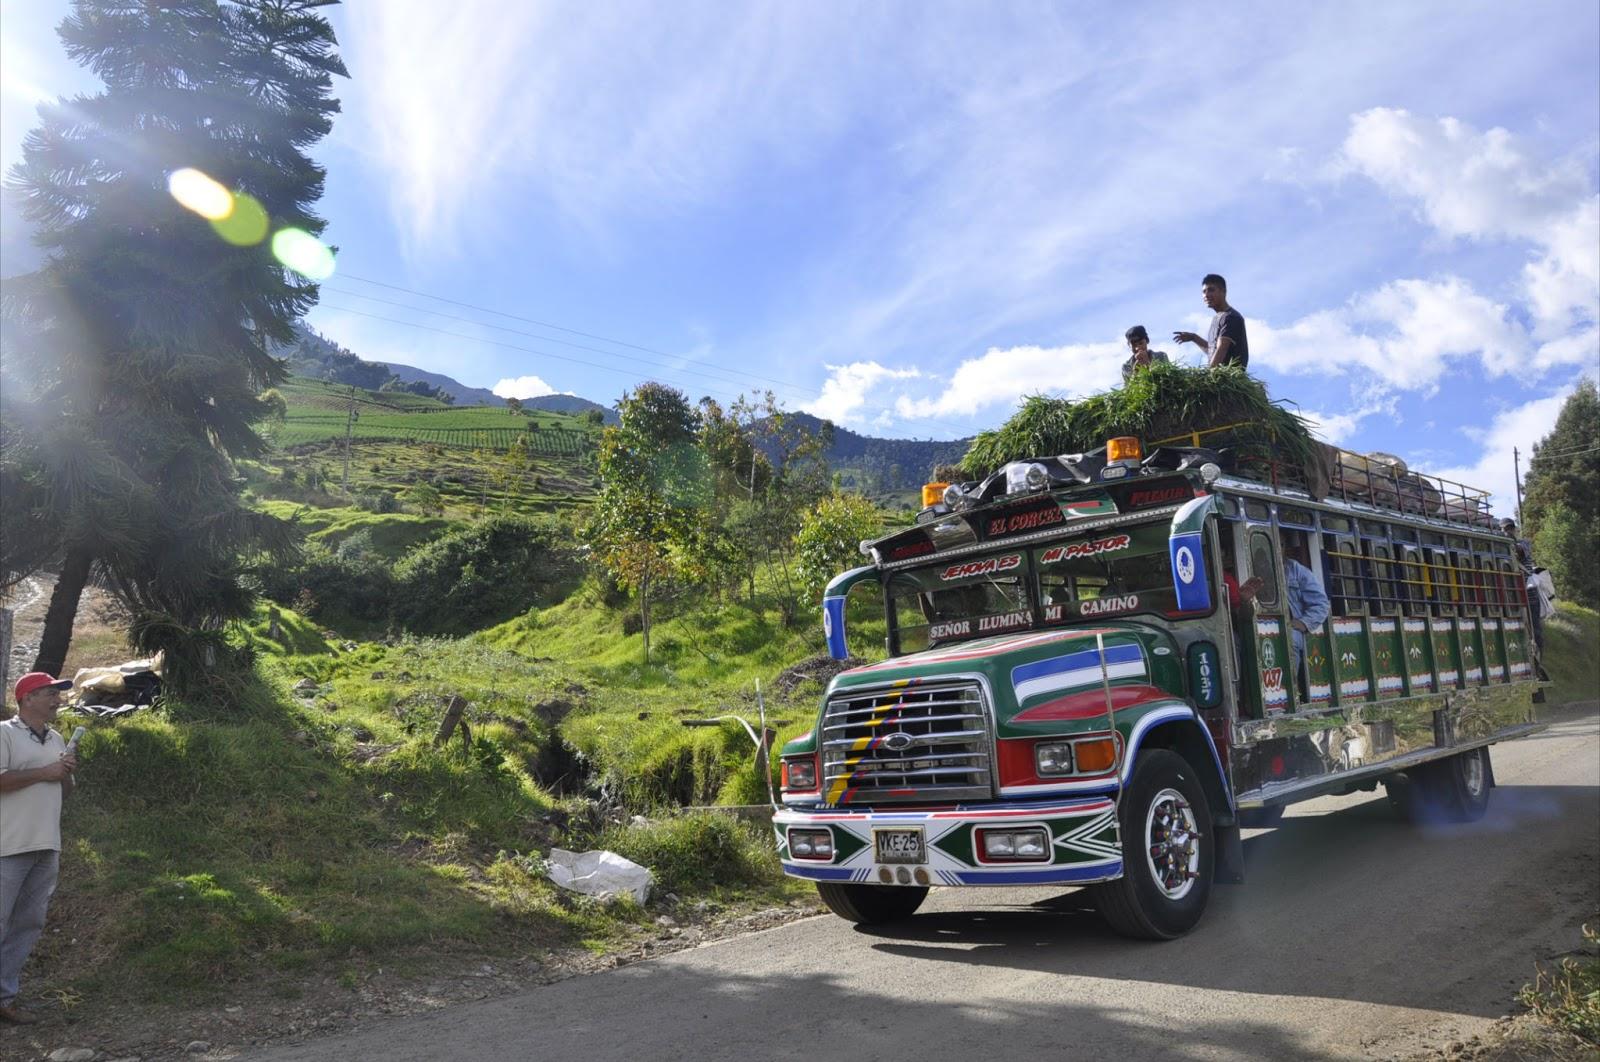 Educacion ambiental 08 01 13 for Empresas de transporte en tenerife